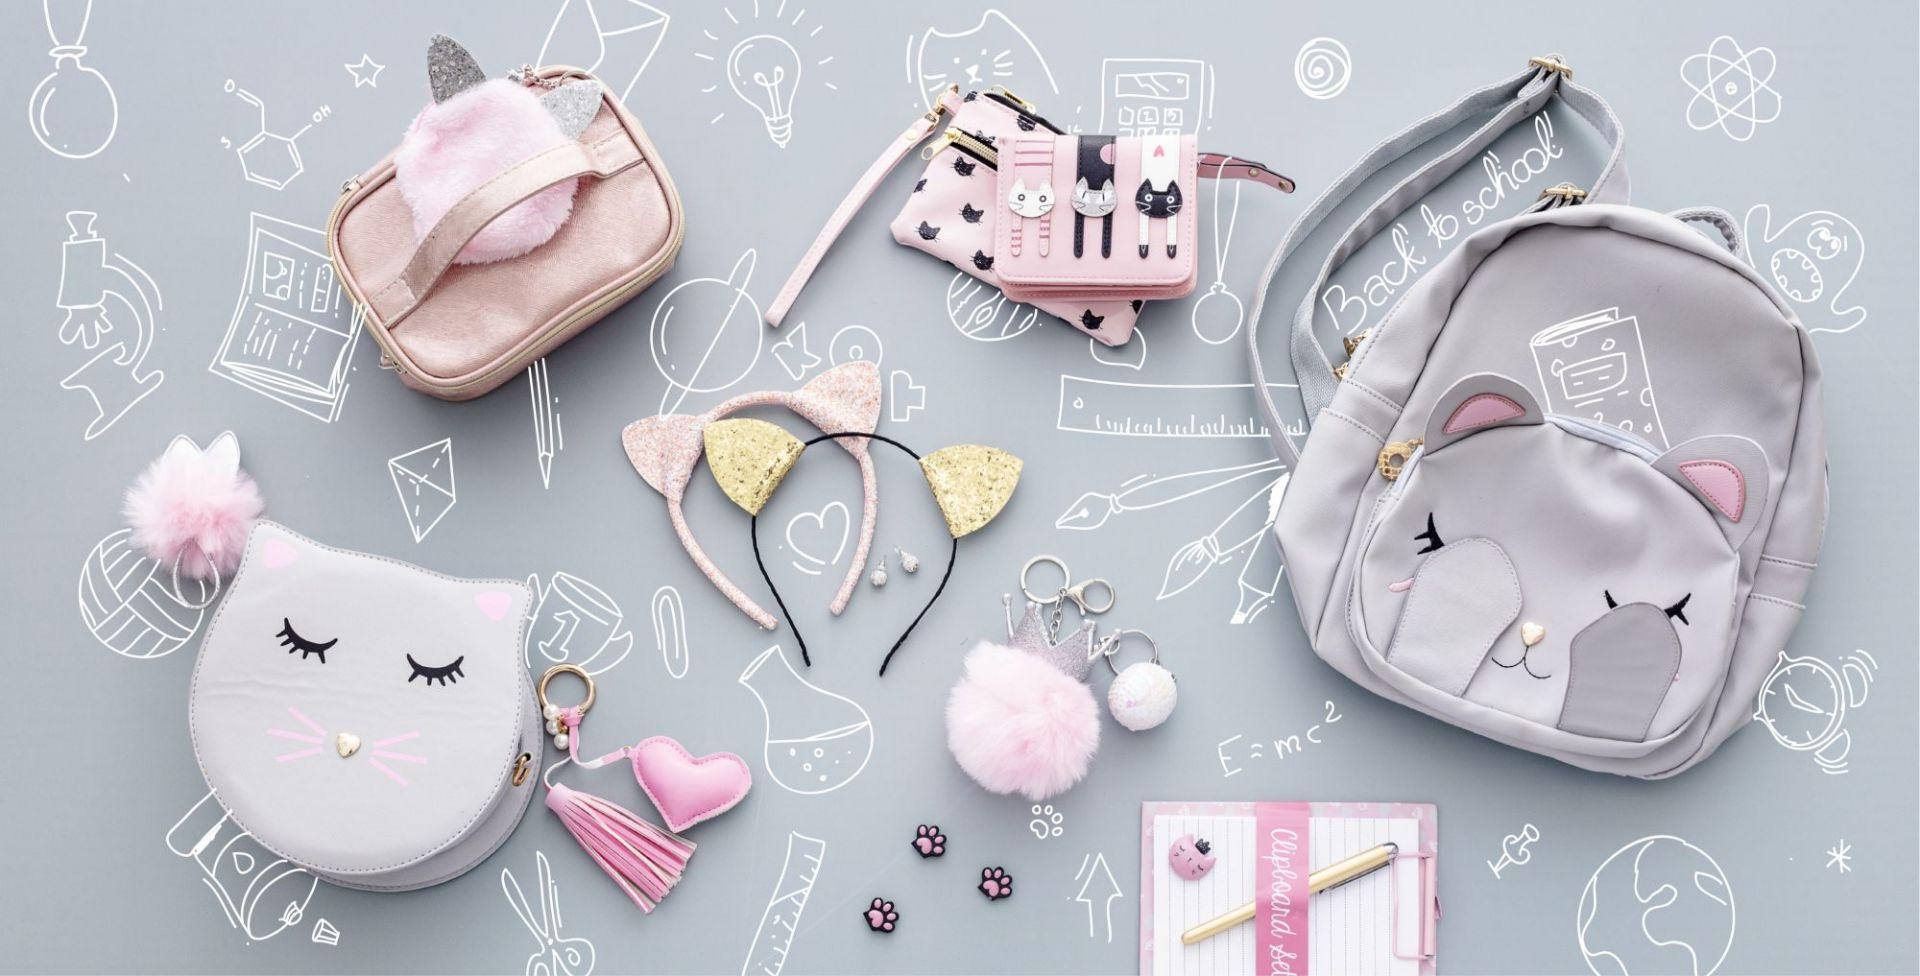 Akcesoria, tkaniny, dodatki dla dzieci. Fot. home & you